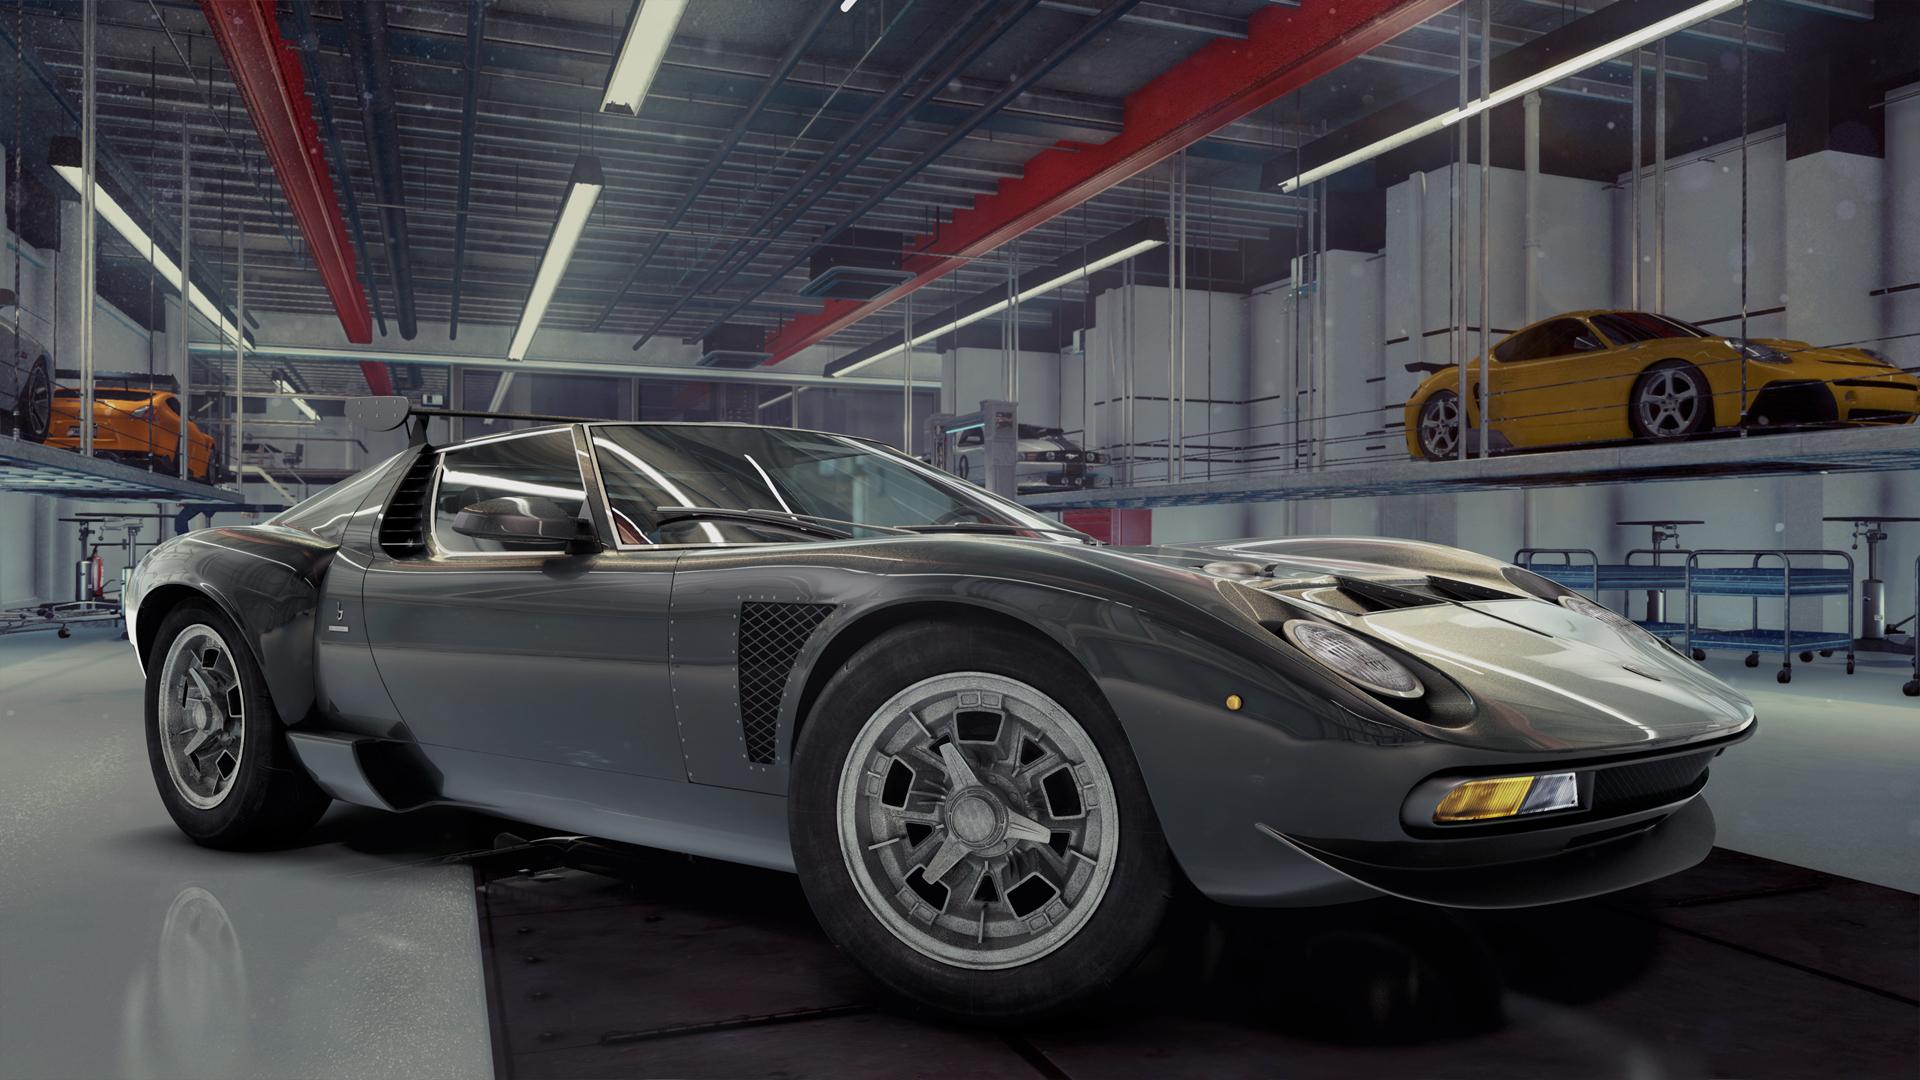 The Crew Lamborghini Auto Bild Idee